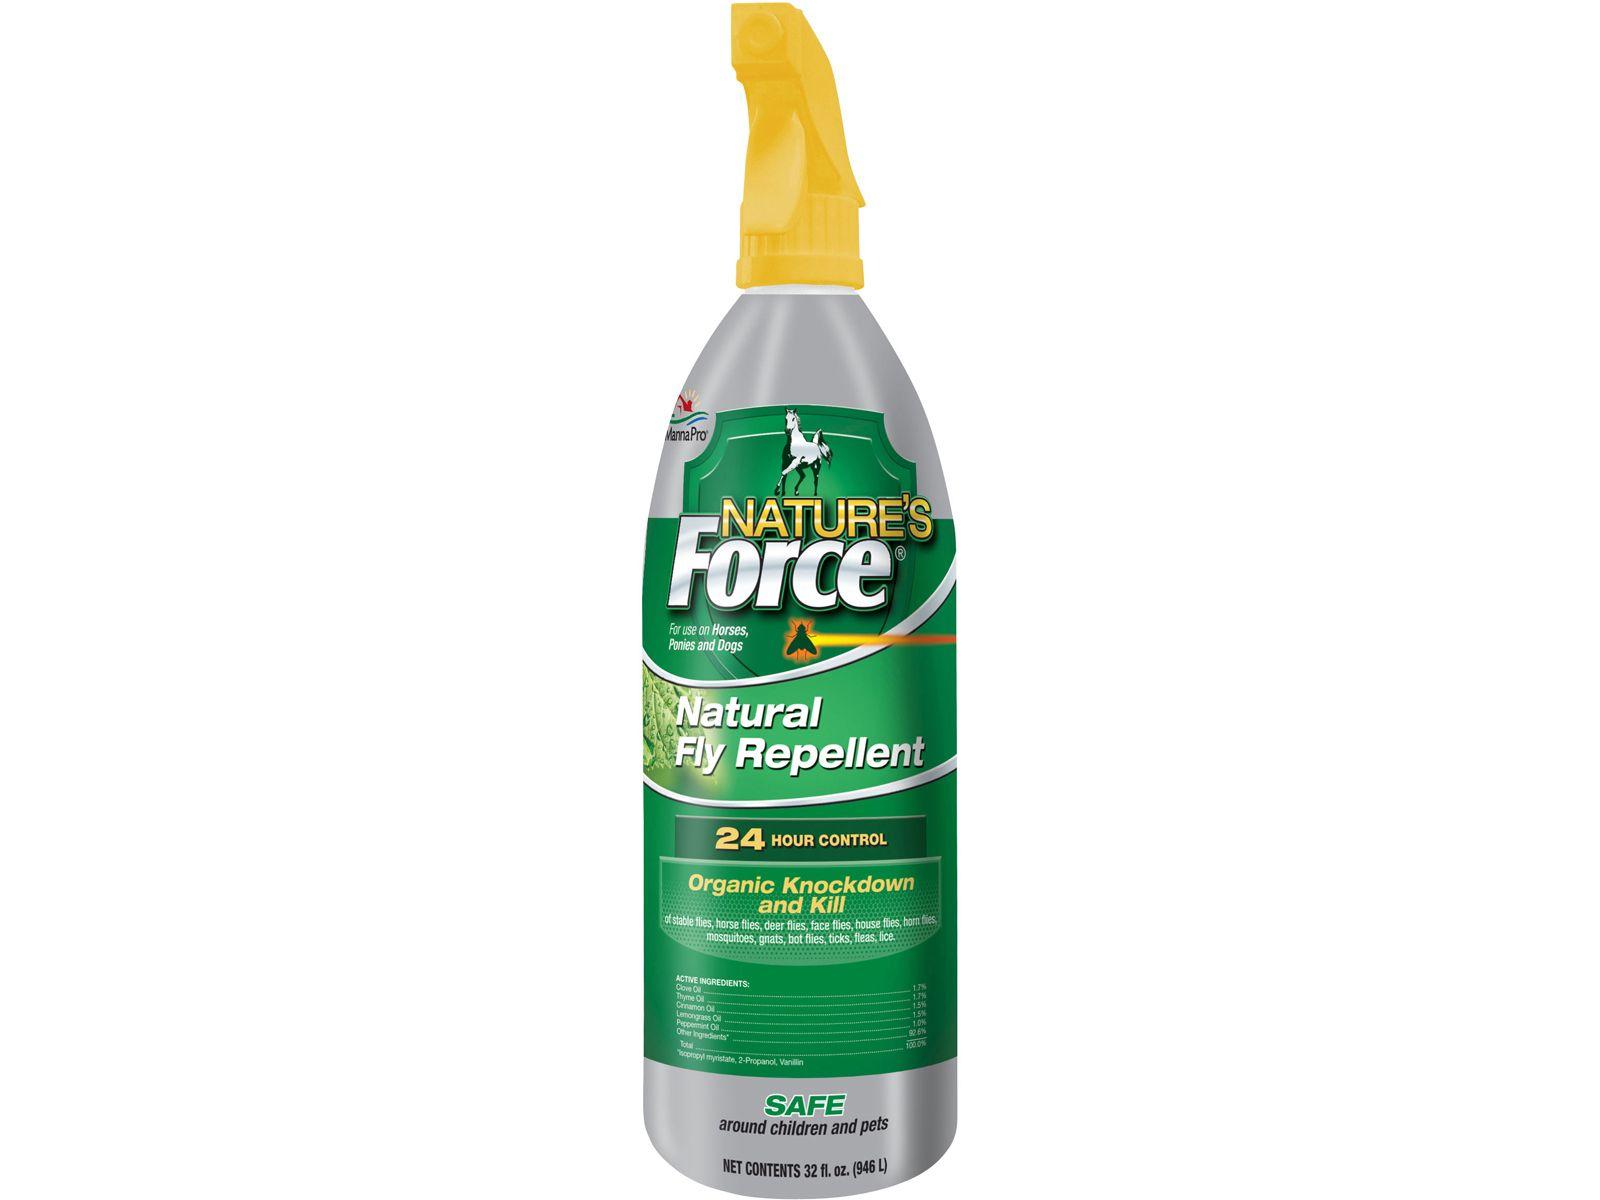 Natureus force fly spray for horses oz fly spray sprays and